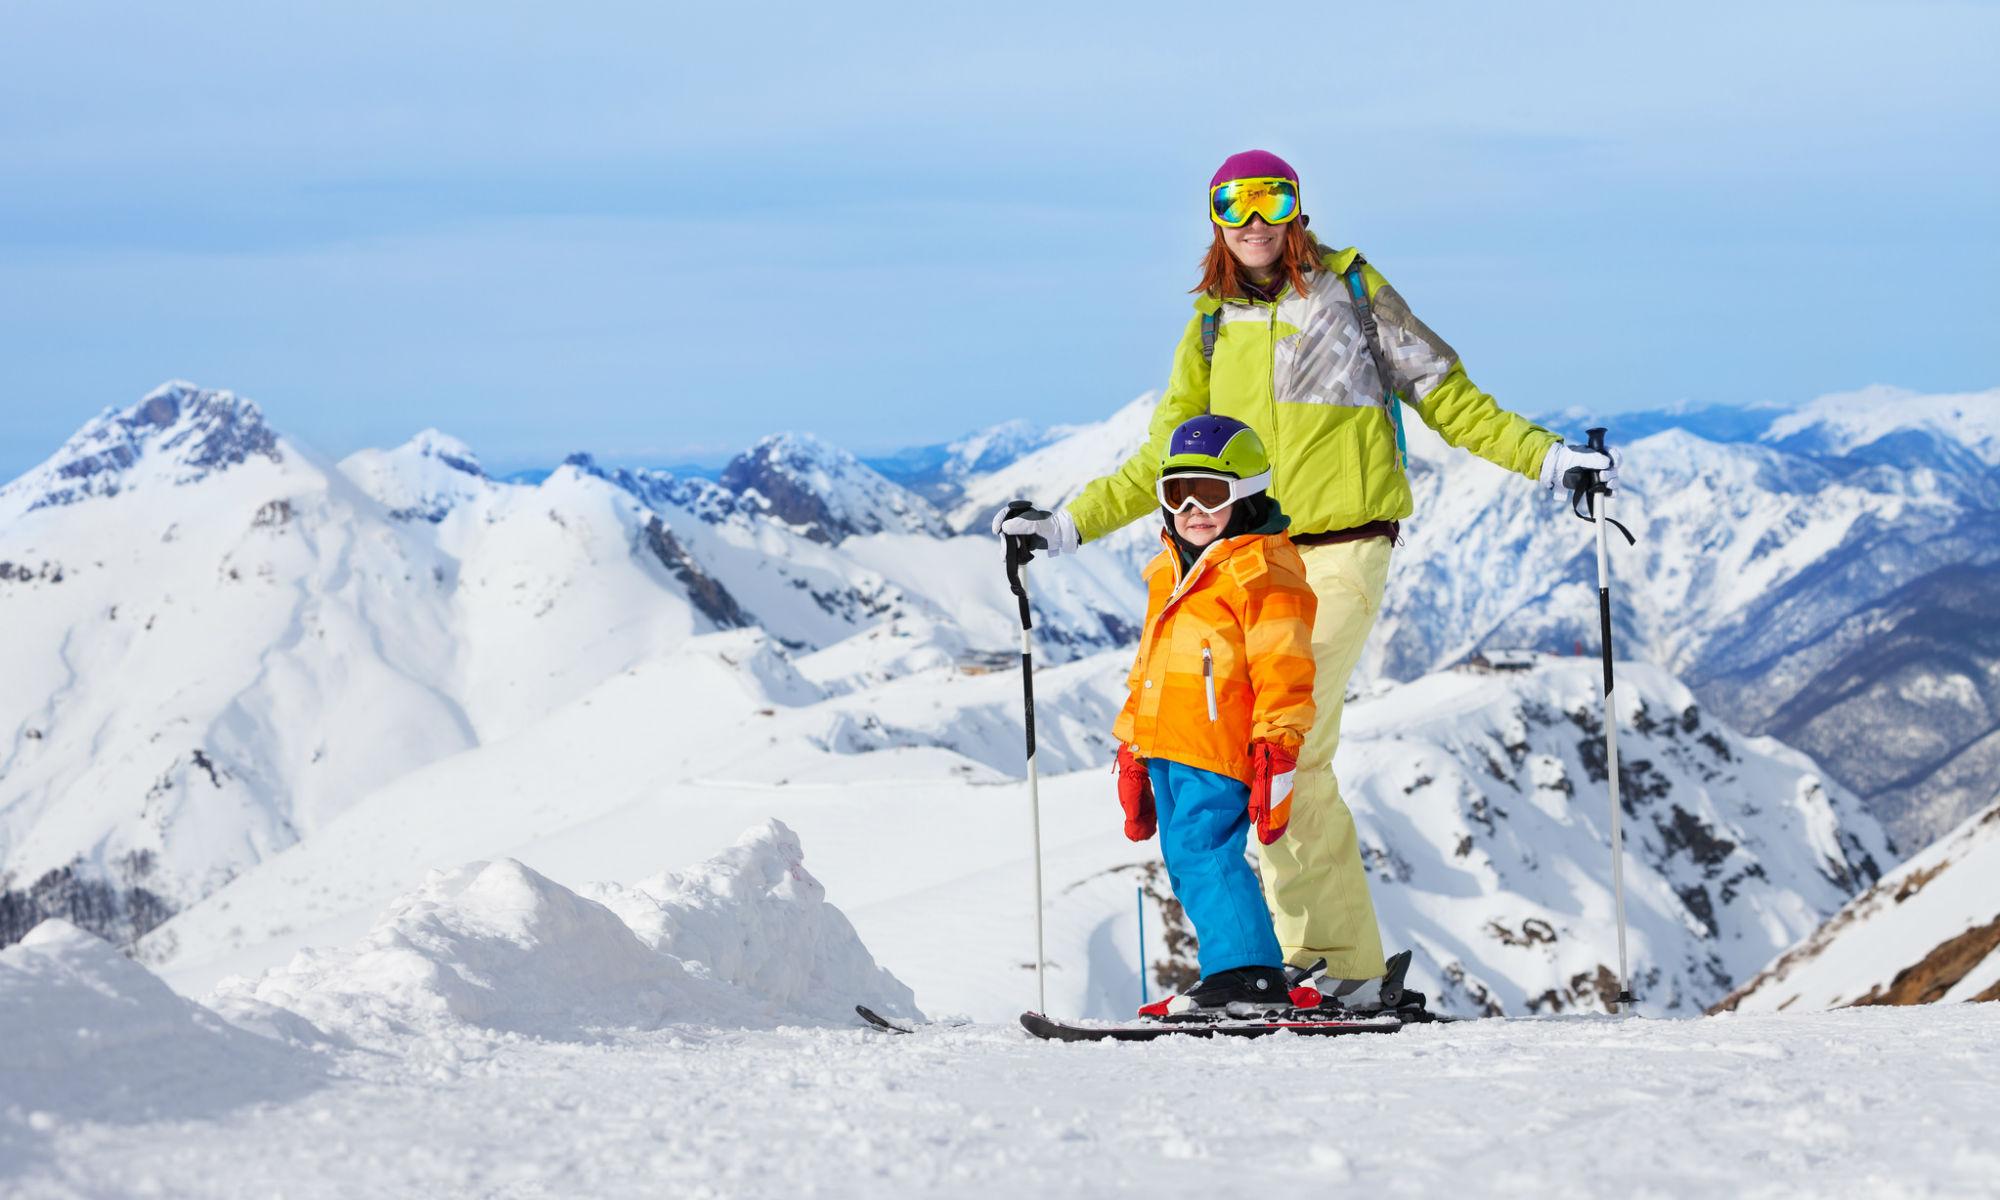 Mutter und Kind posieren mit Skiern vor einer Bergkulisse.